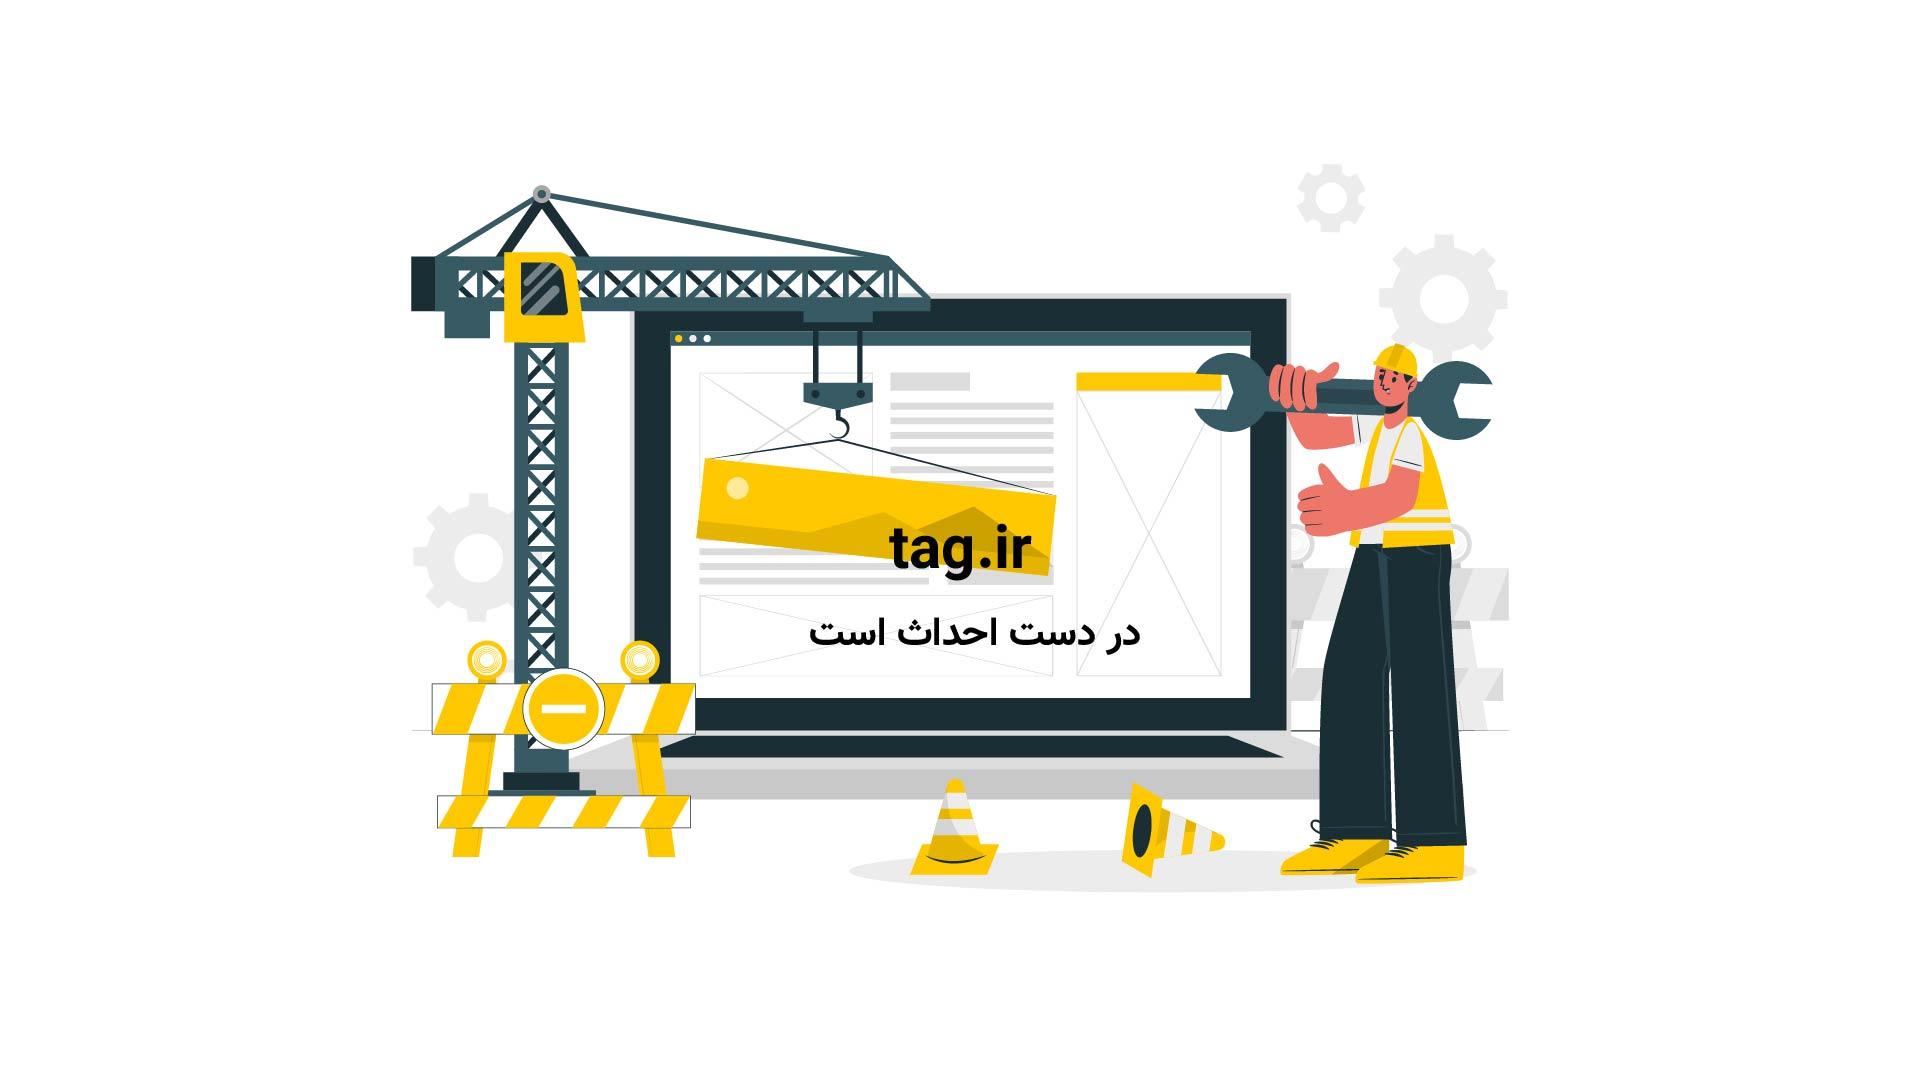 رو به رویی گربه با همستر | تگ